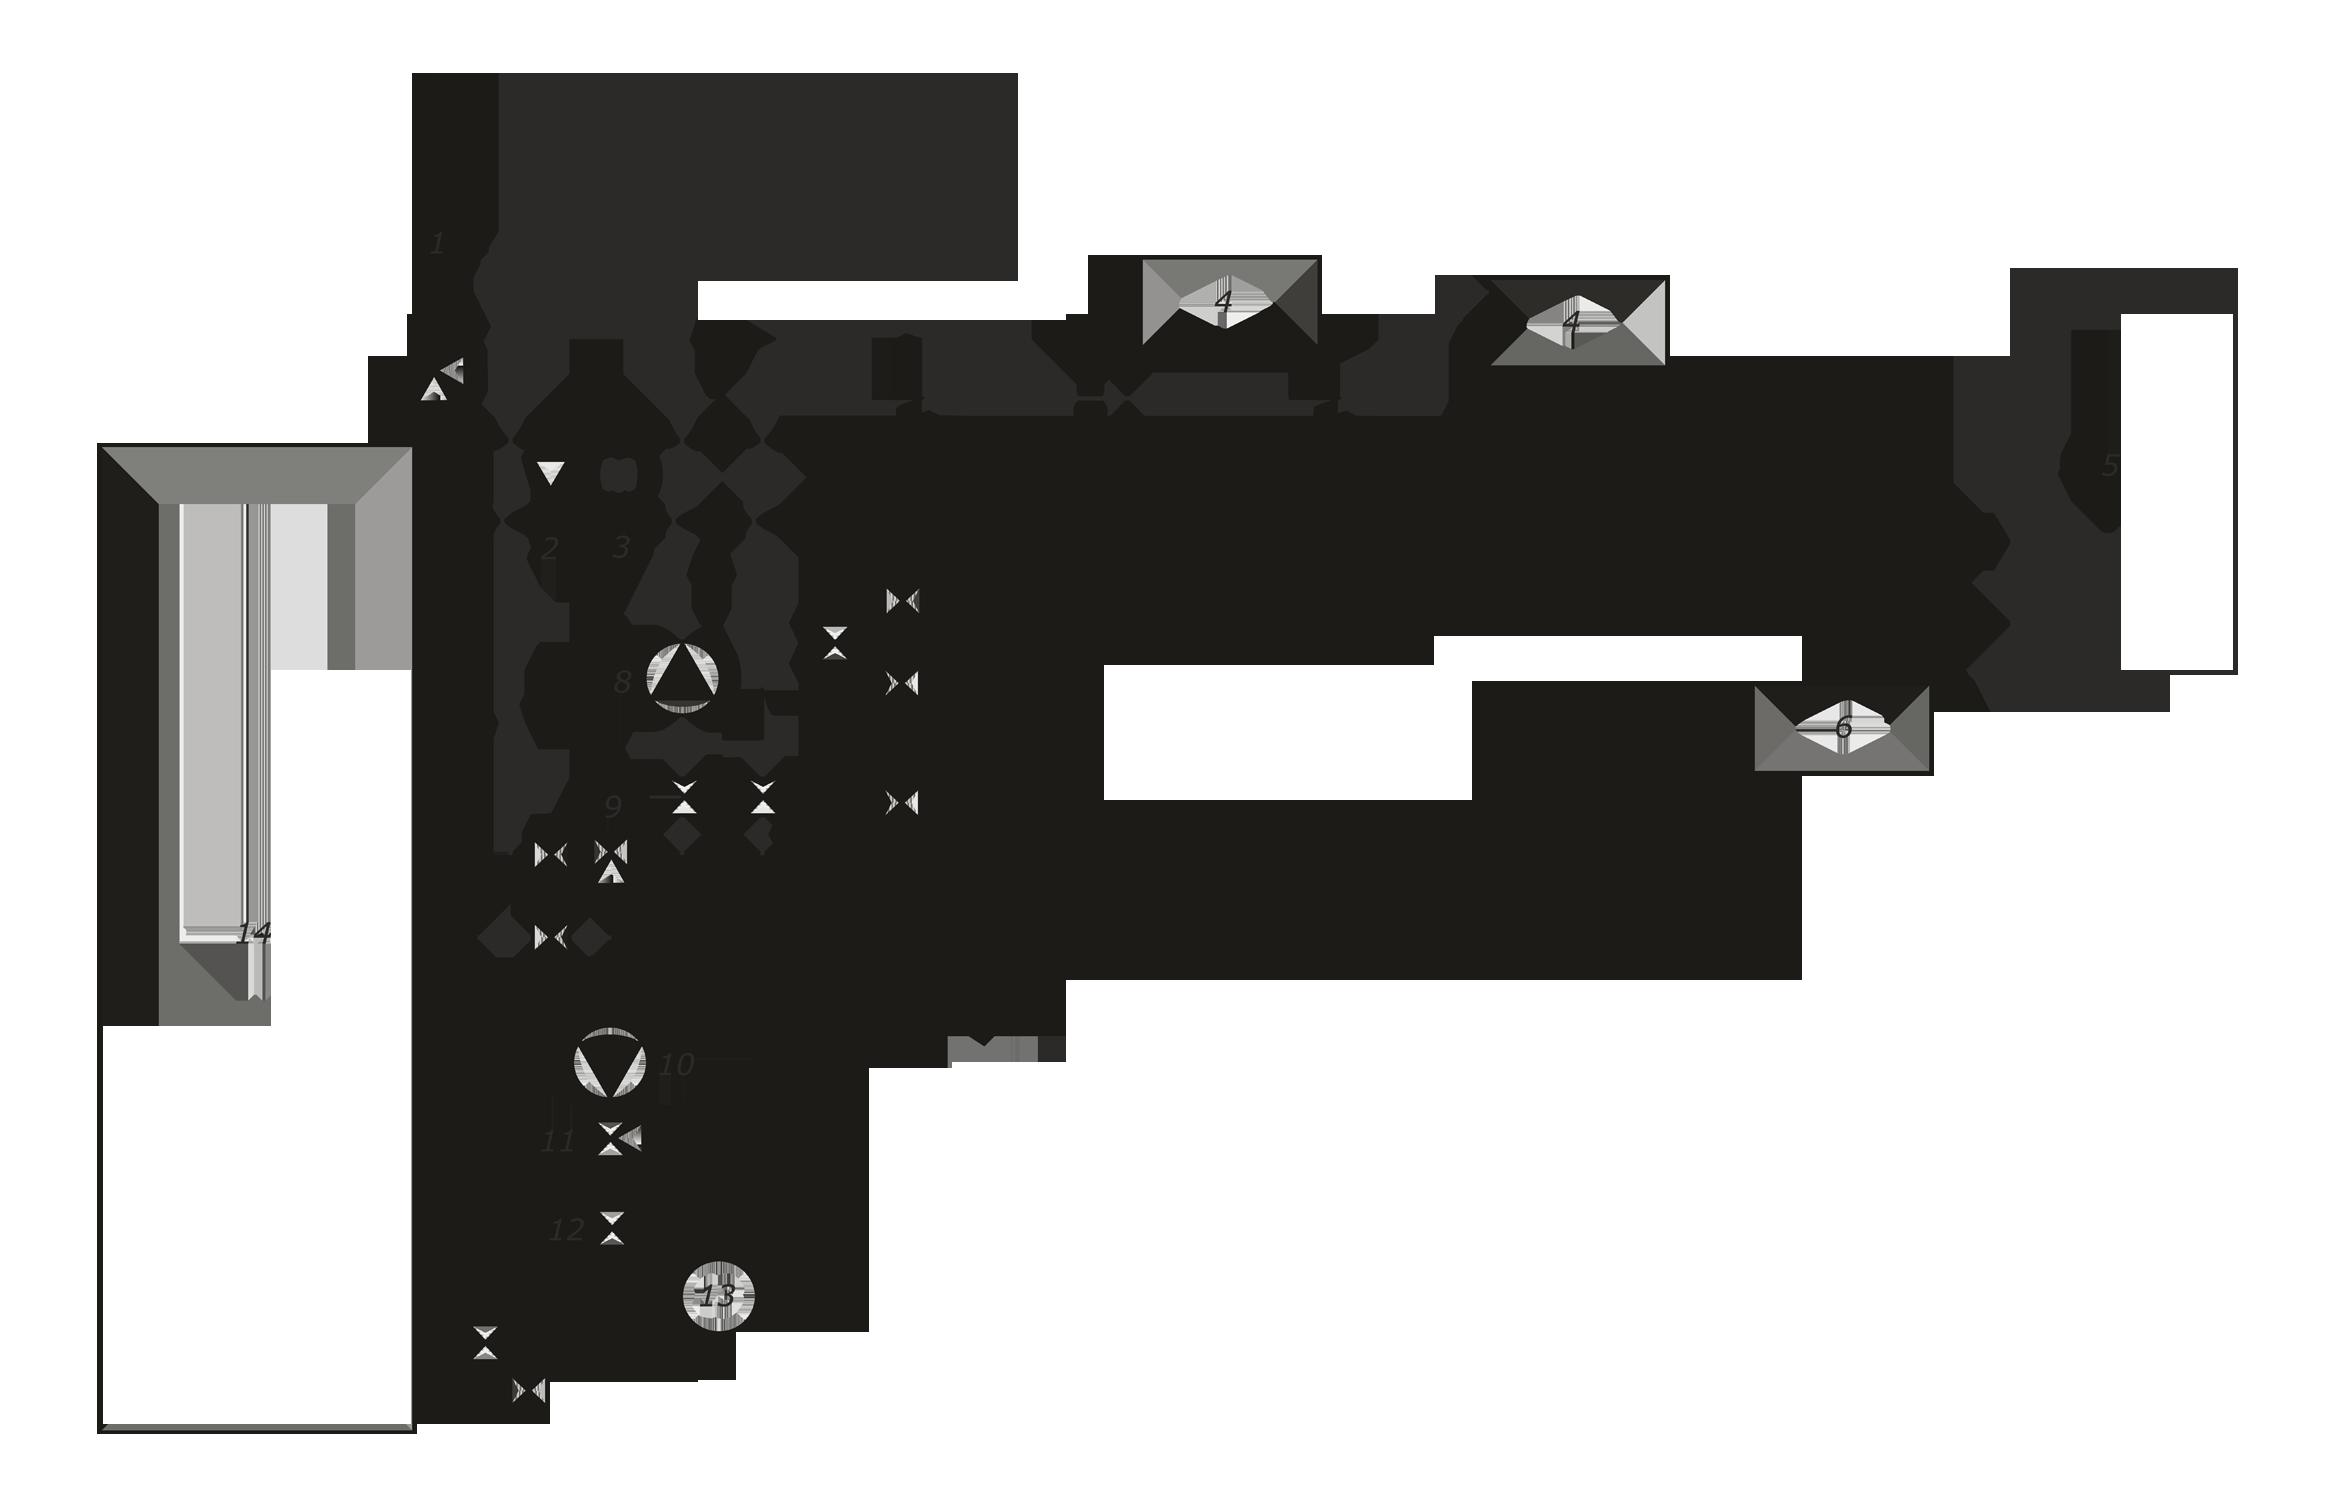 котел твердотопливный схема обработки монтаж сибирь